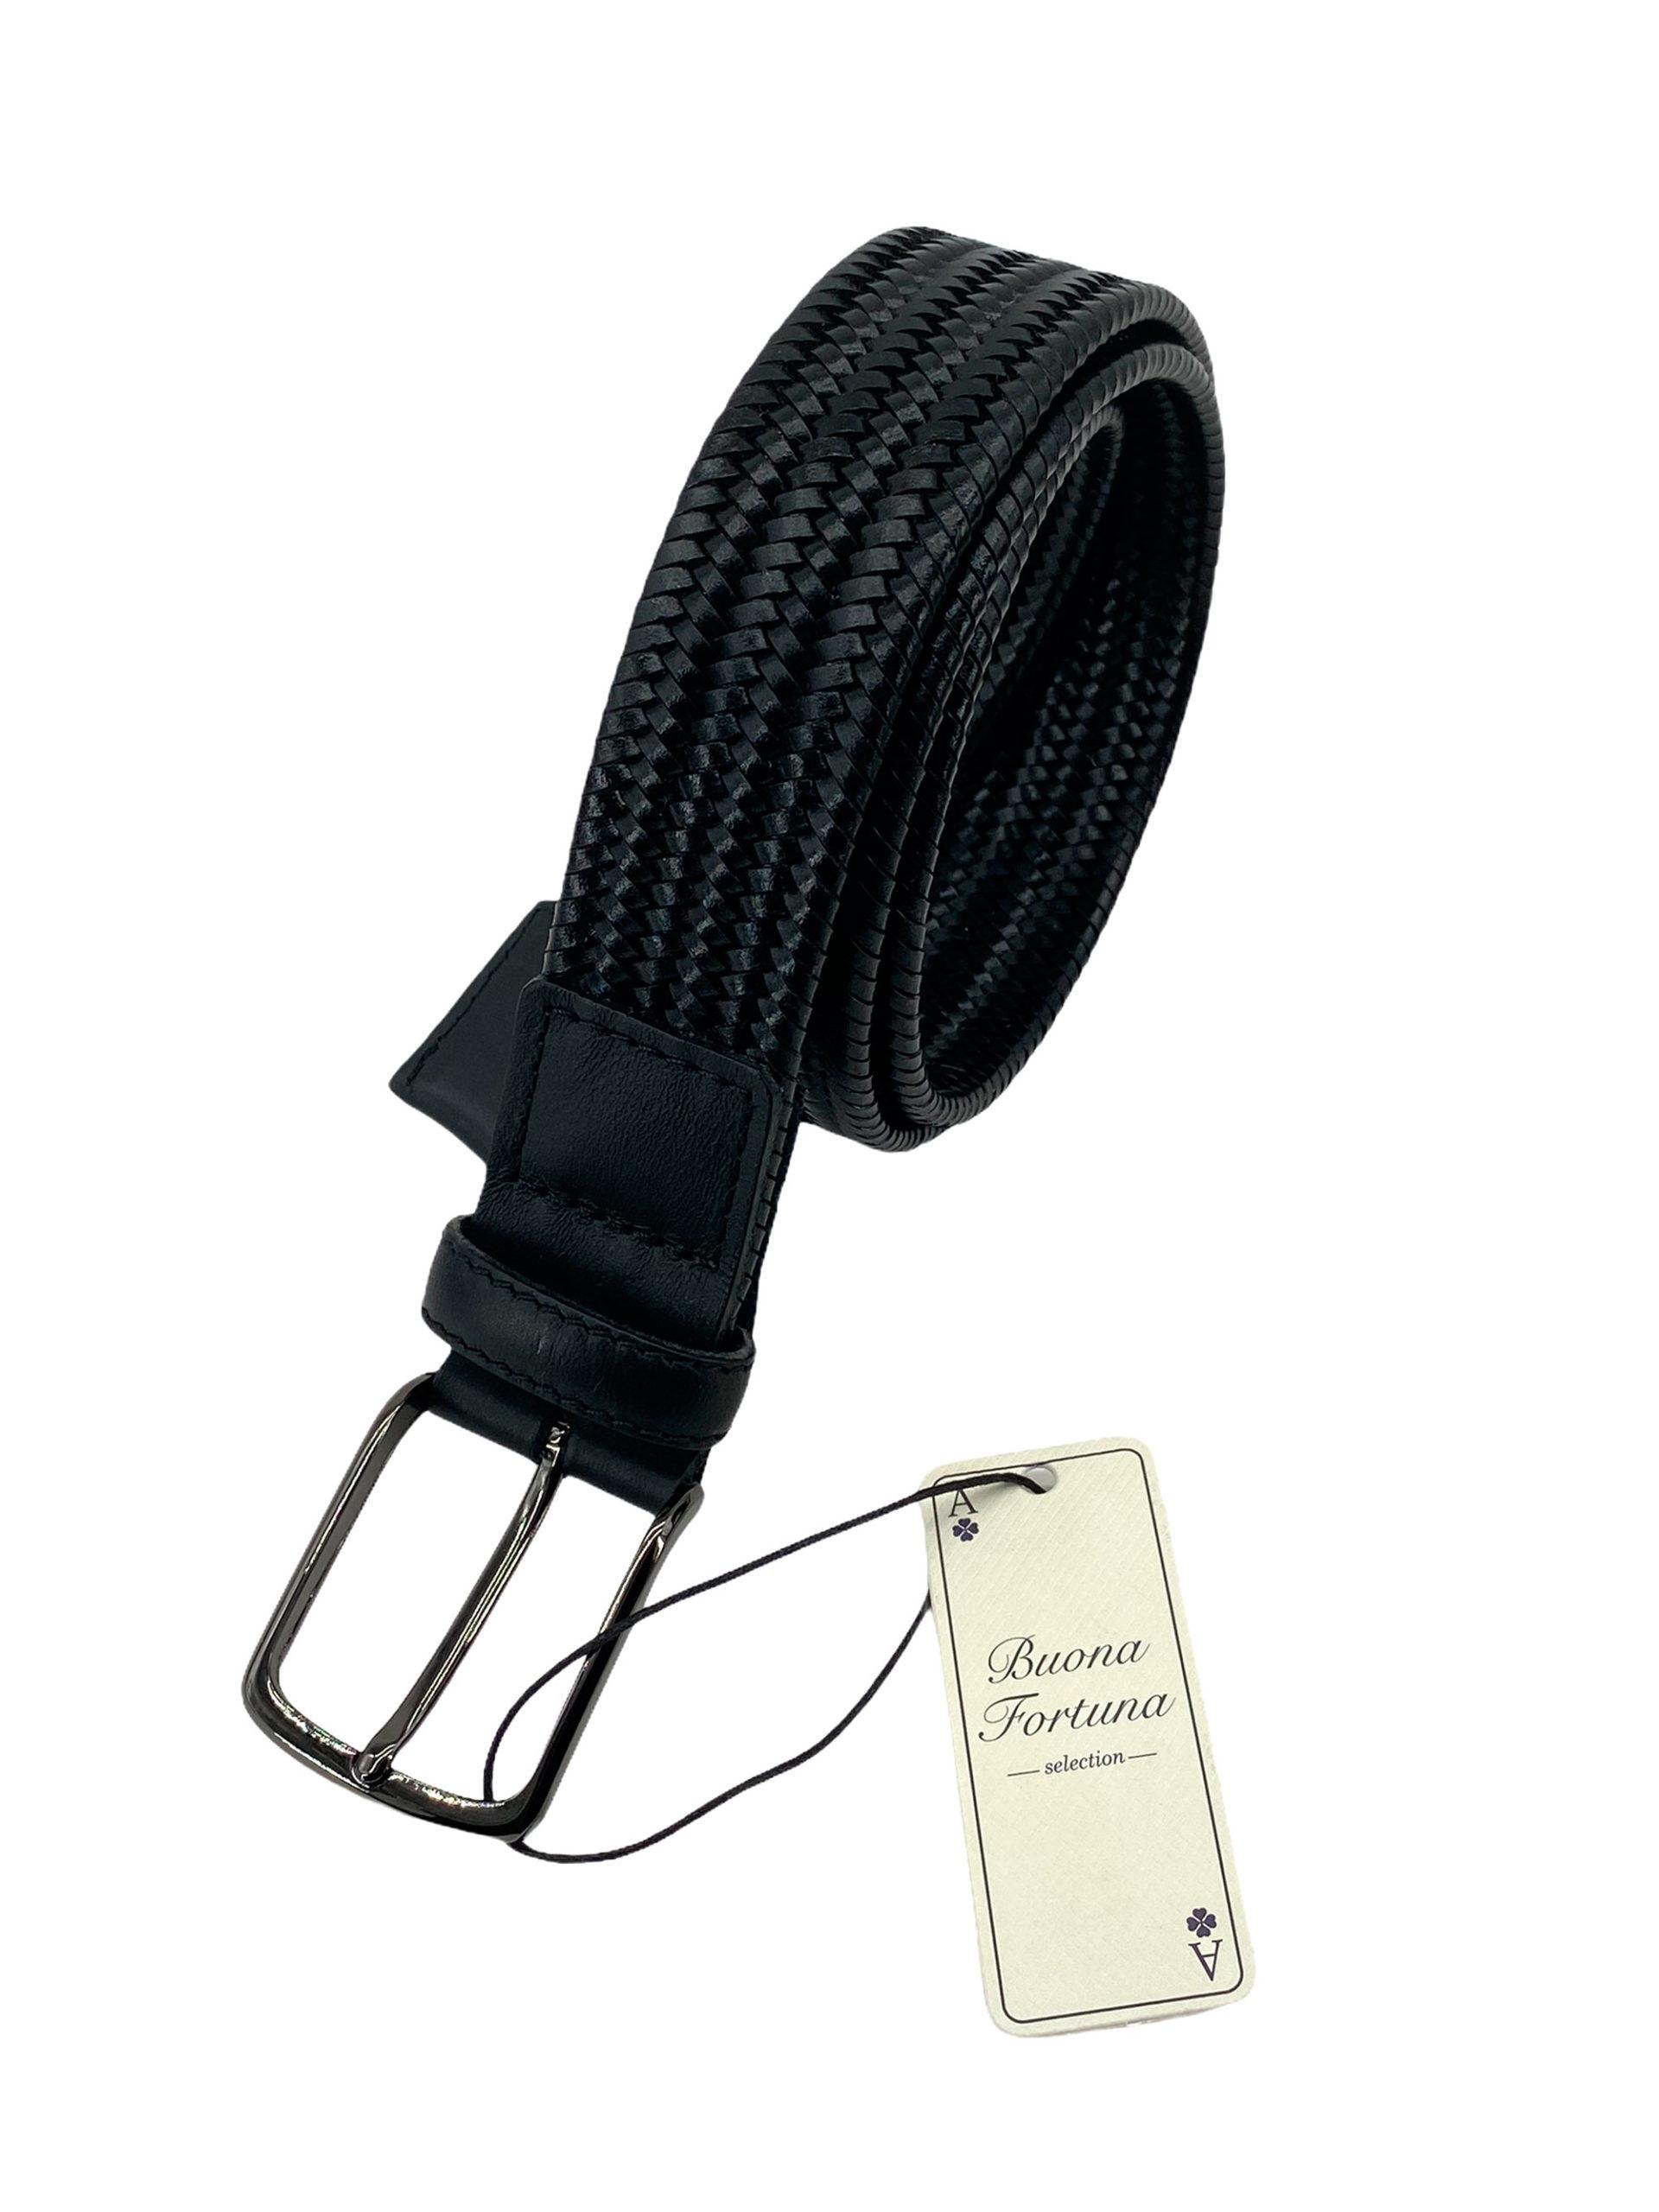 cinturon piel trenzada buona fortuna comprar online cinturones exclusivos shop negro